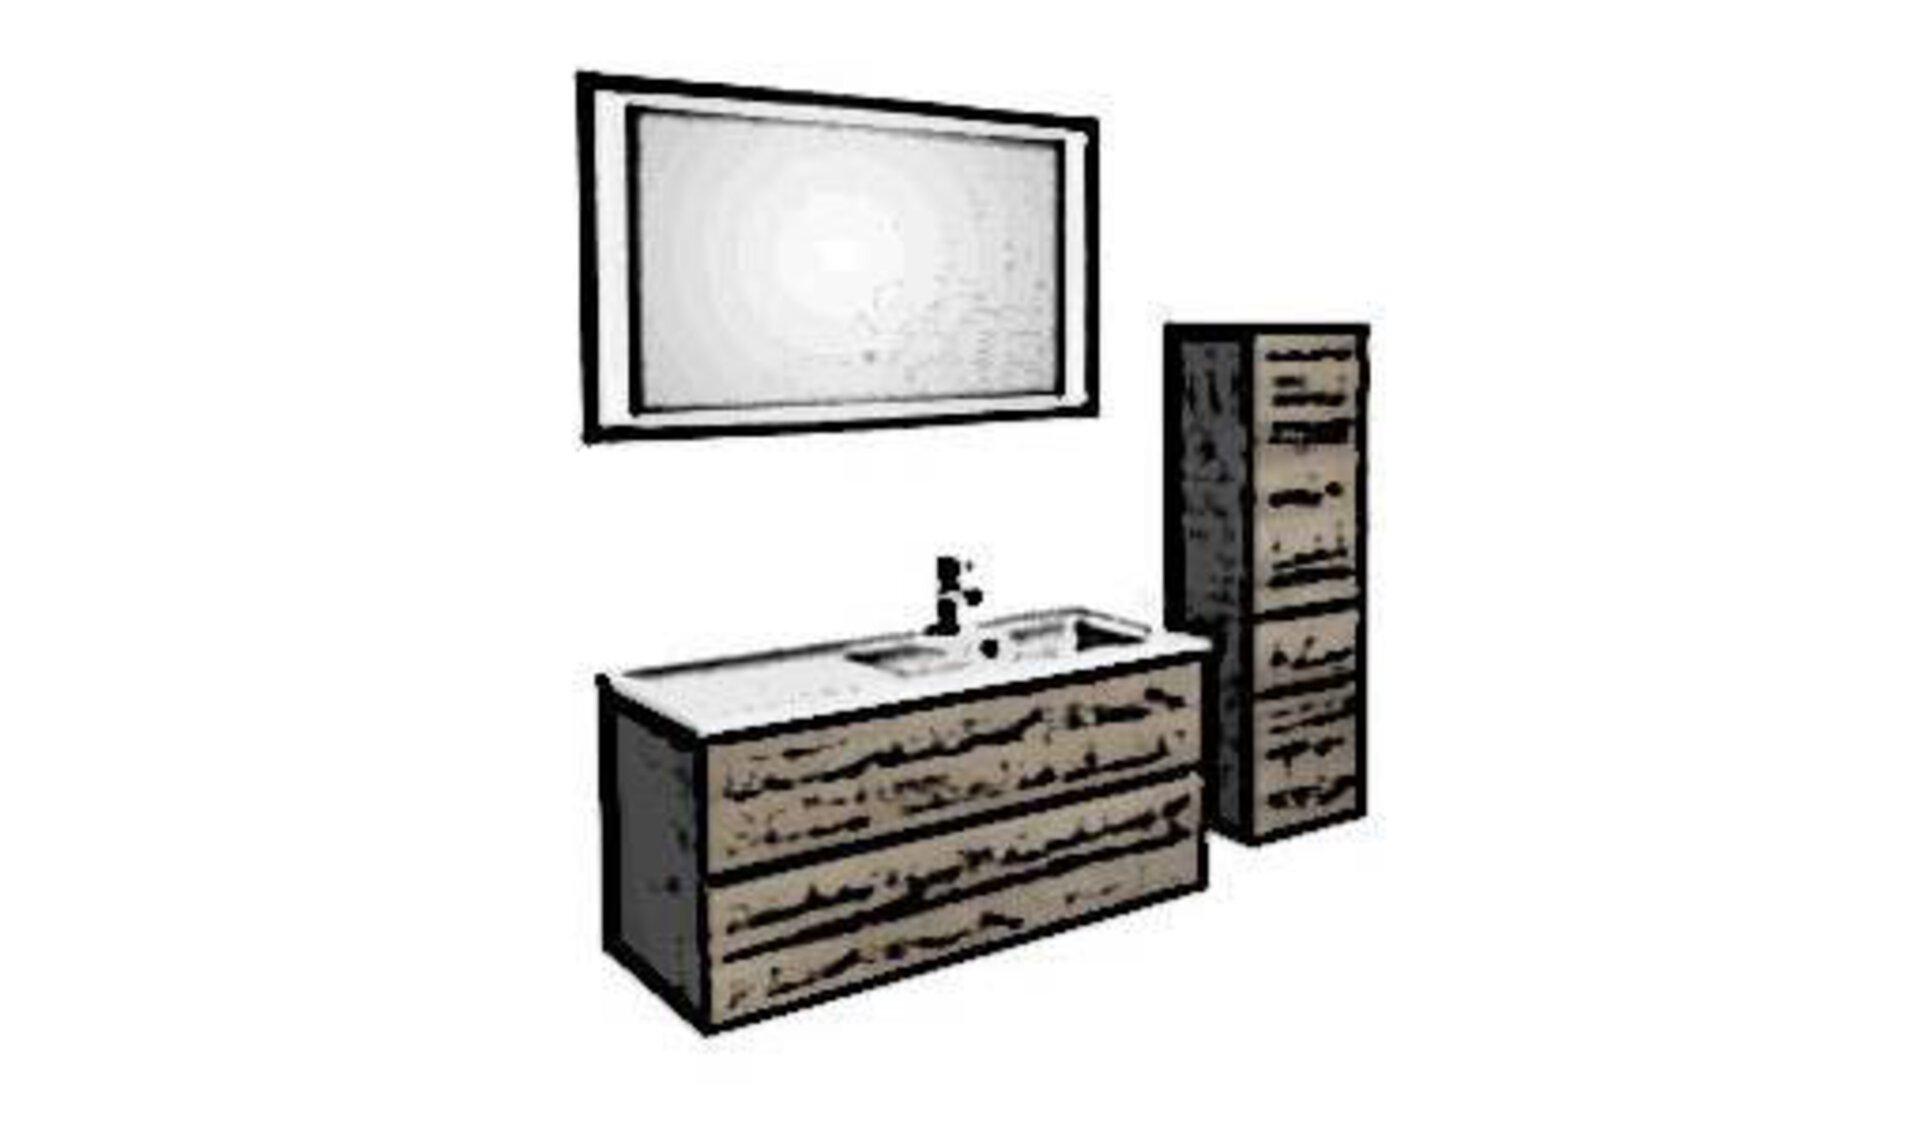 Badezimmerset aus Holz, bestehend aus Waschtisch inkl. eingelassenem weißen Keramikwaschbecken, beleuchtetem Wandspiegel und einem Schrank.